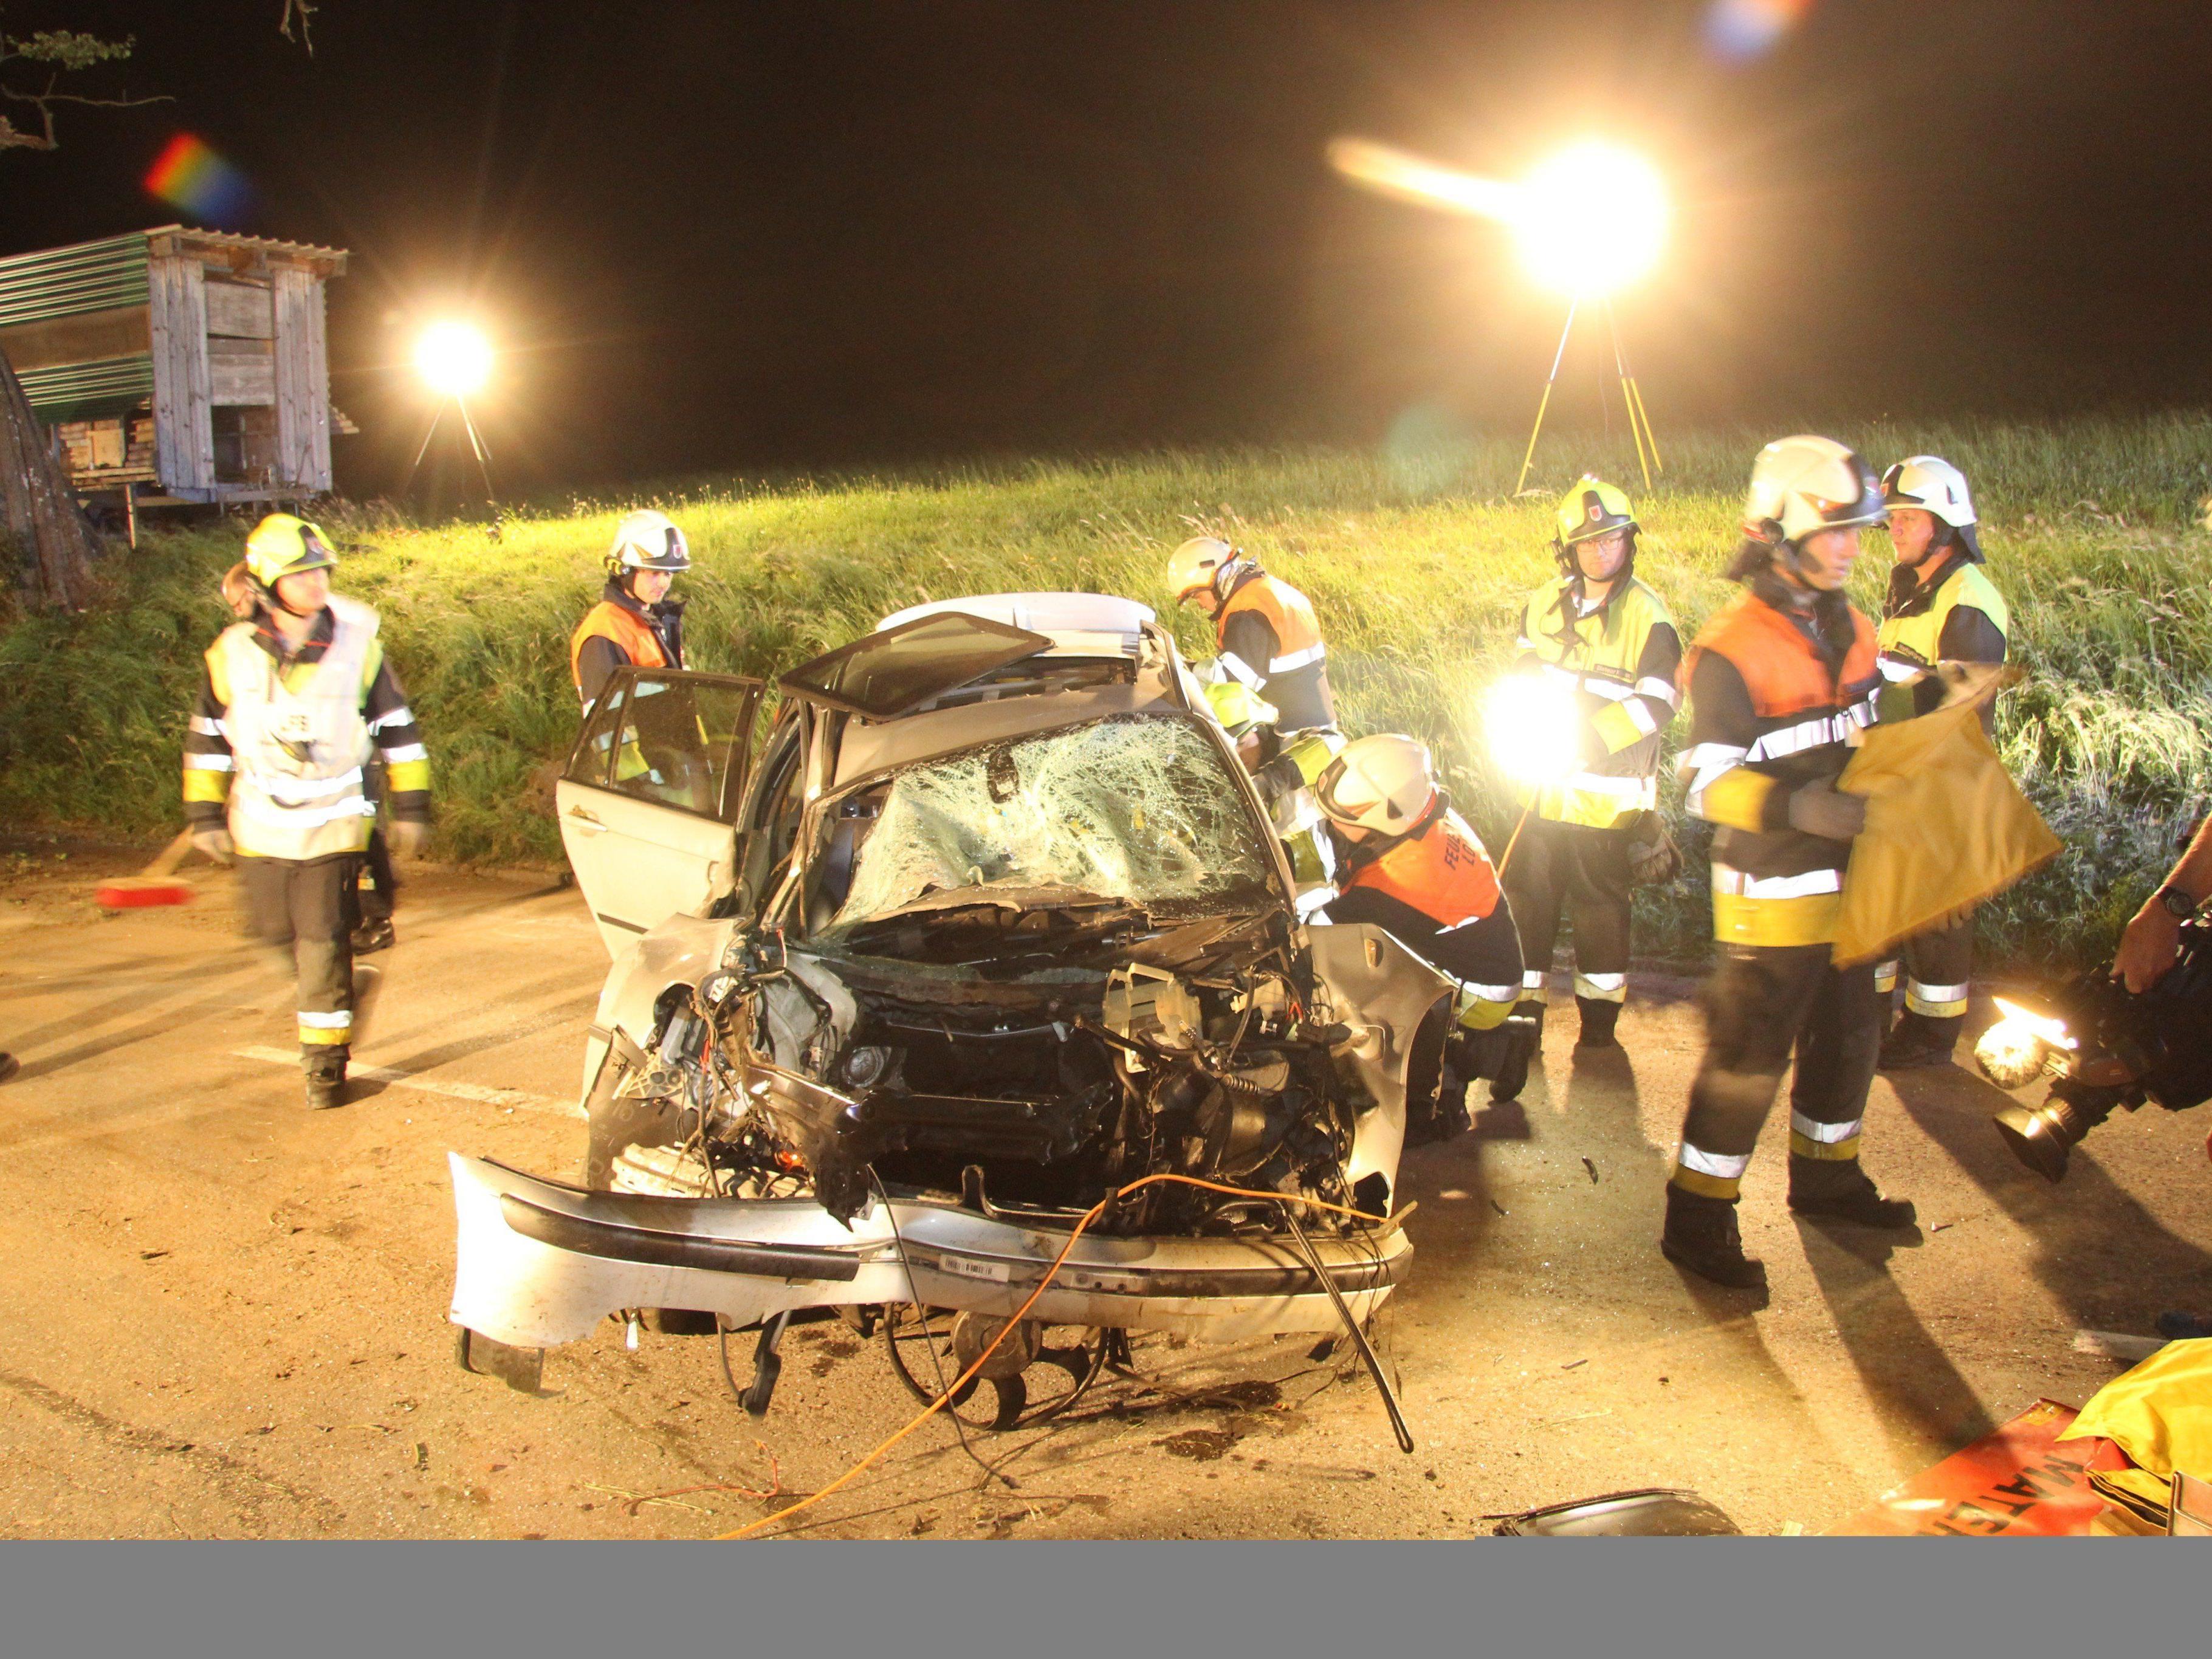 27-Jähriger nach schwerem Unfall aus demoliertem Fahrzeug befreit.